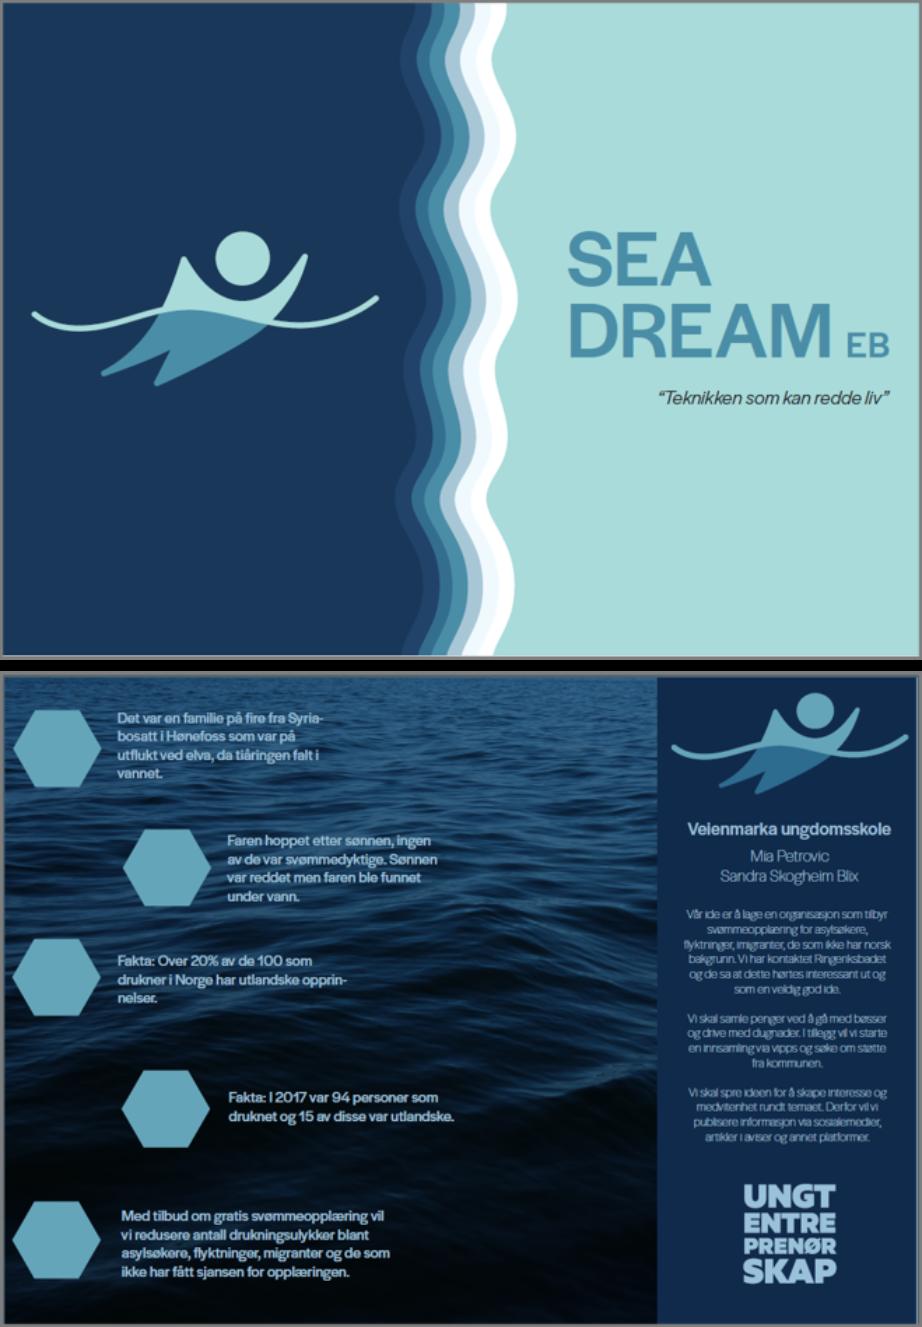 19 Sea Dream EB